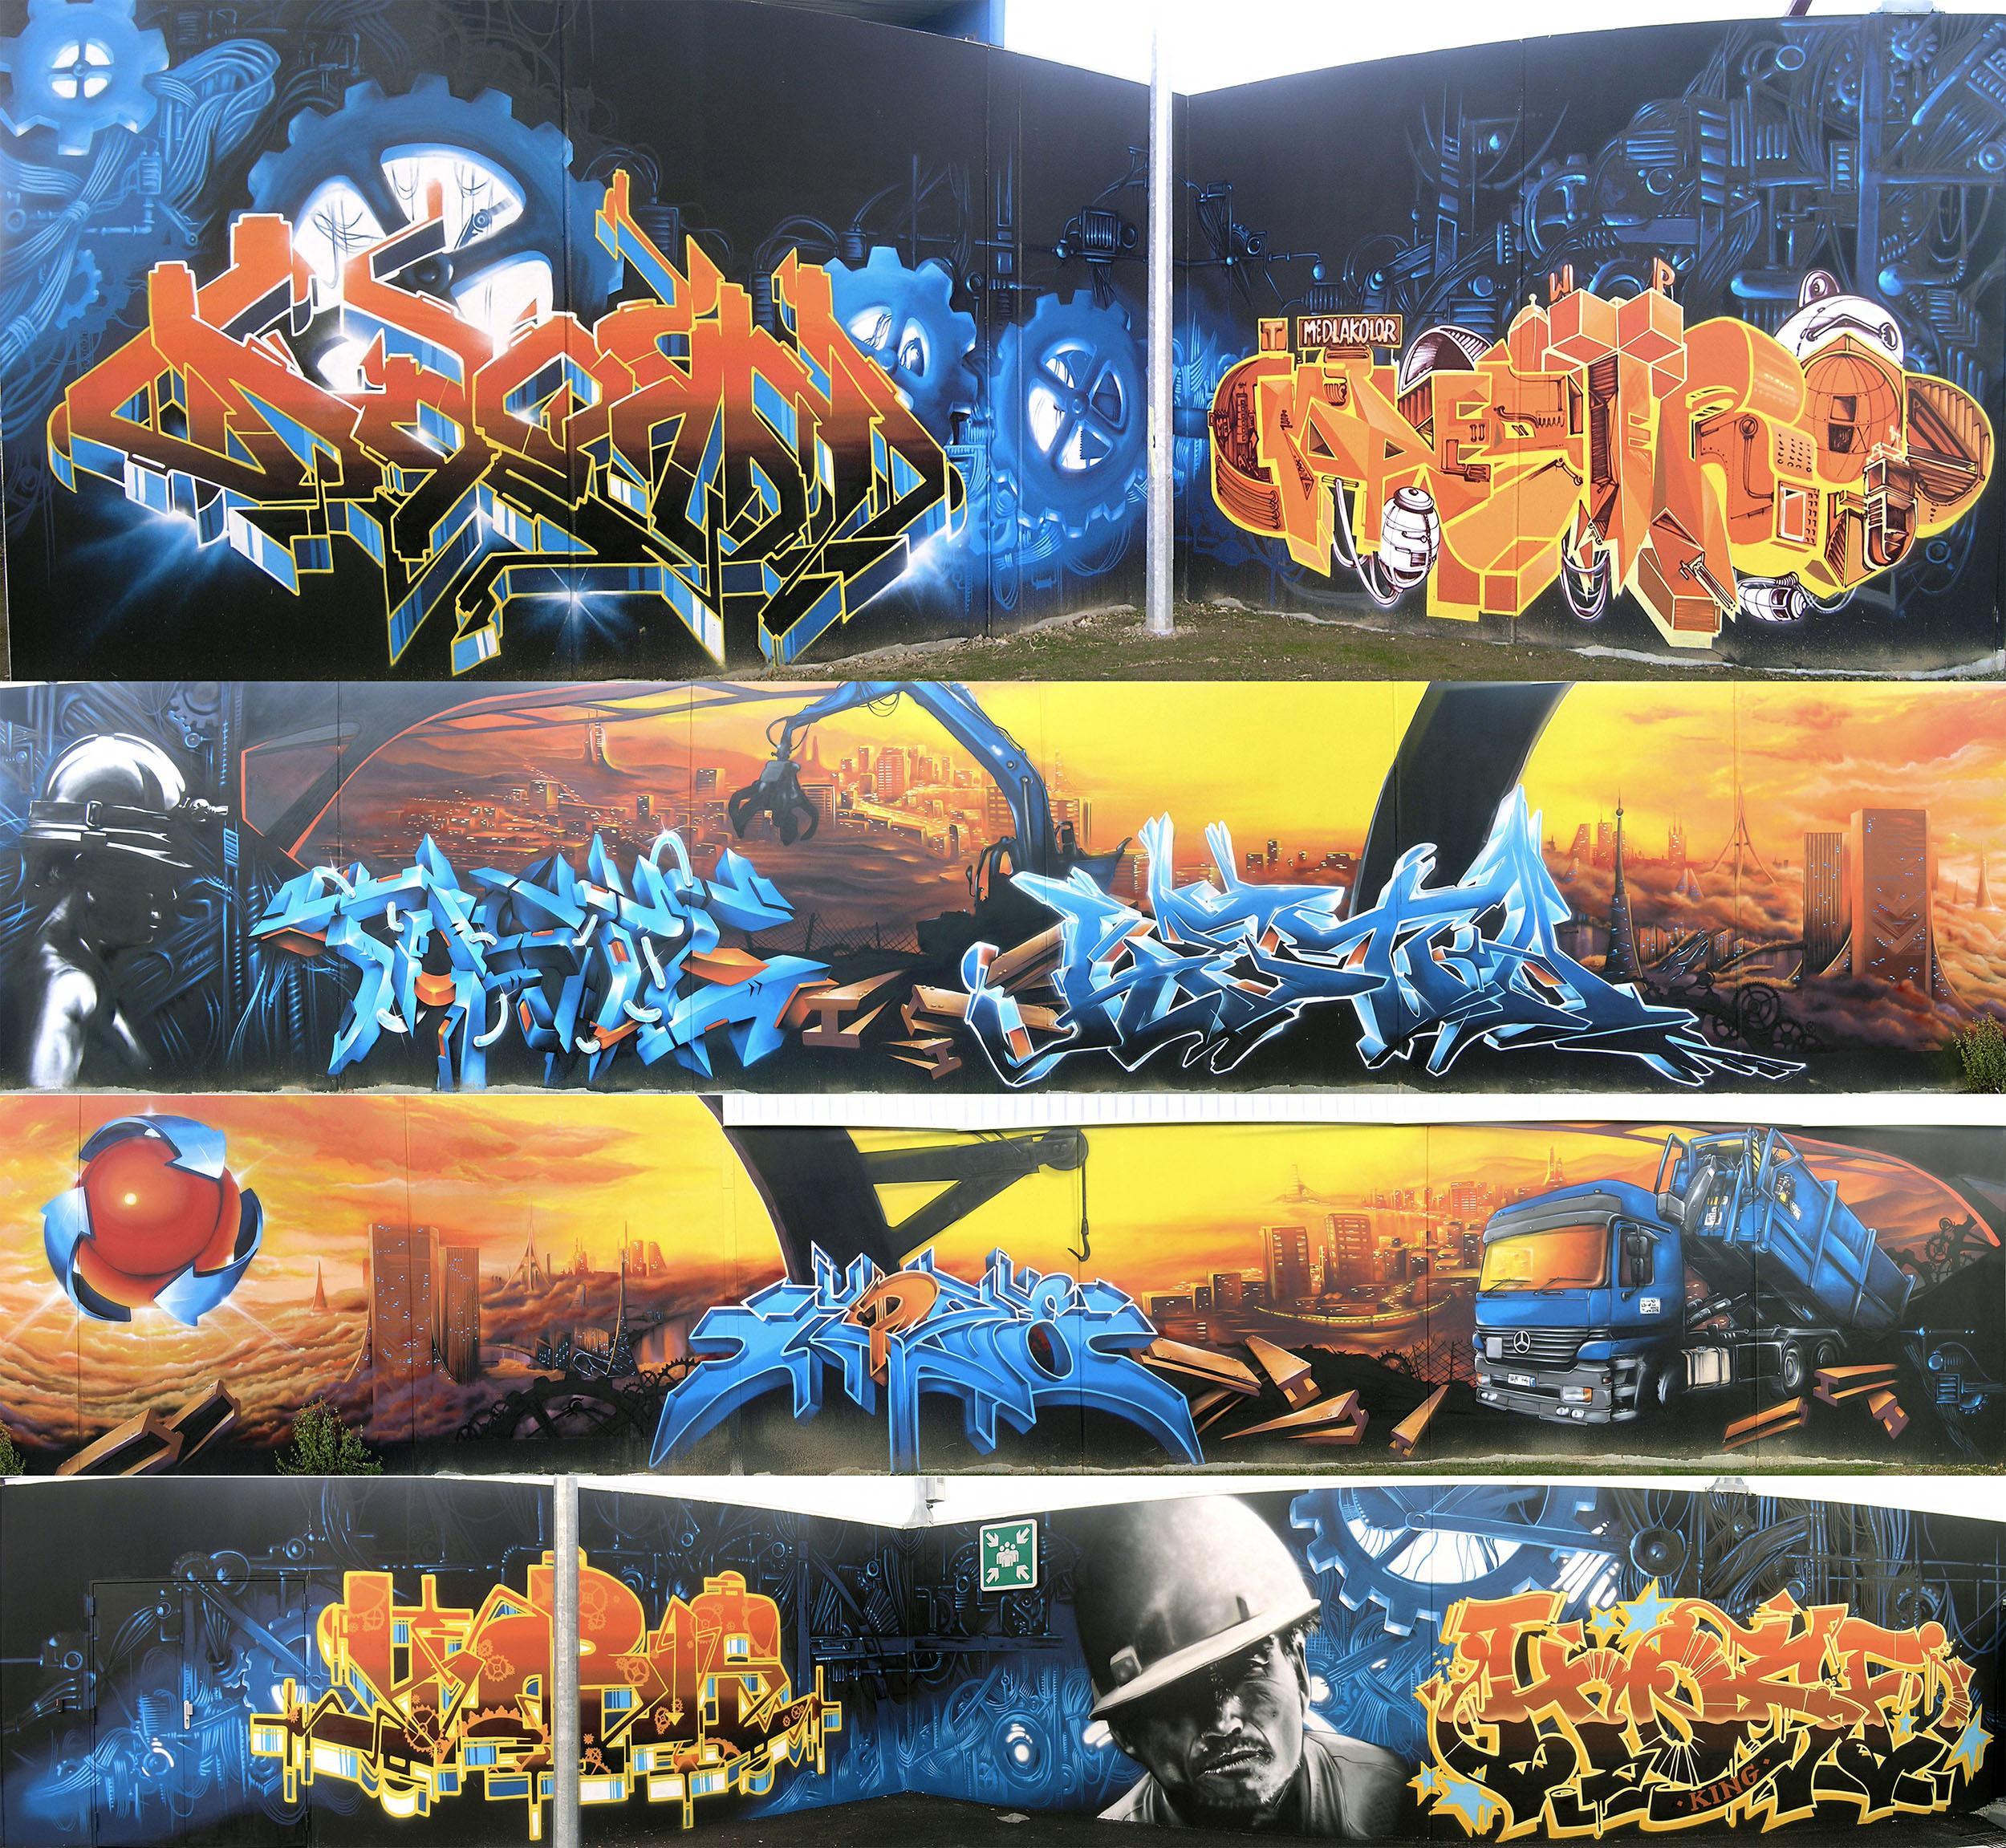 Mur-fresque-graffiti-Vignier-recyclage